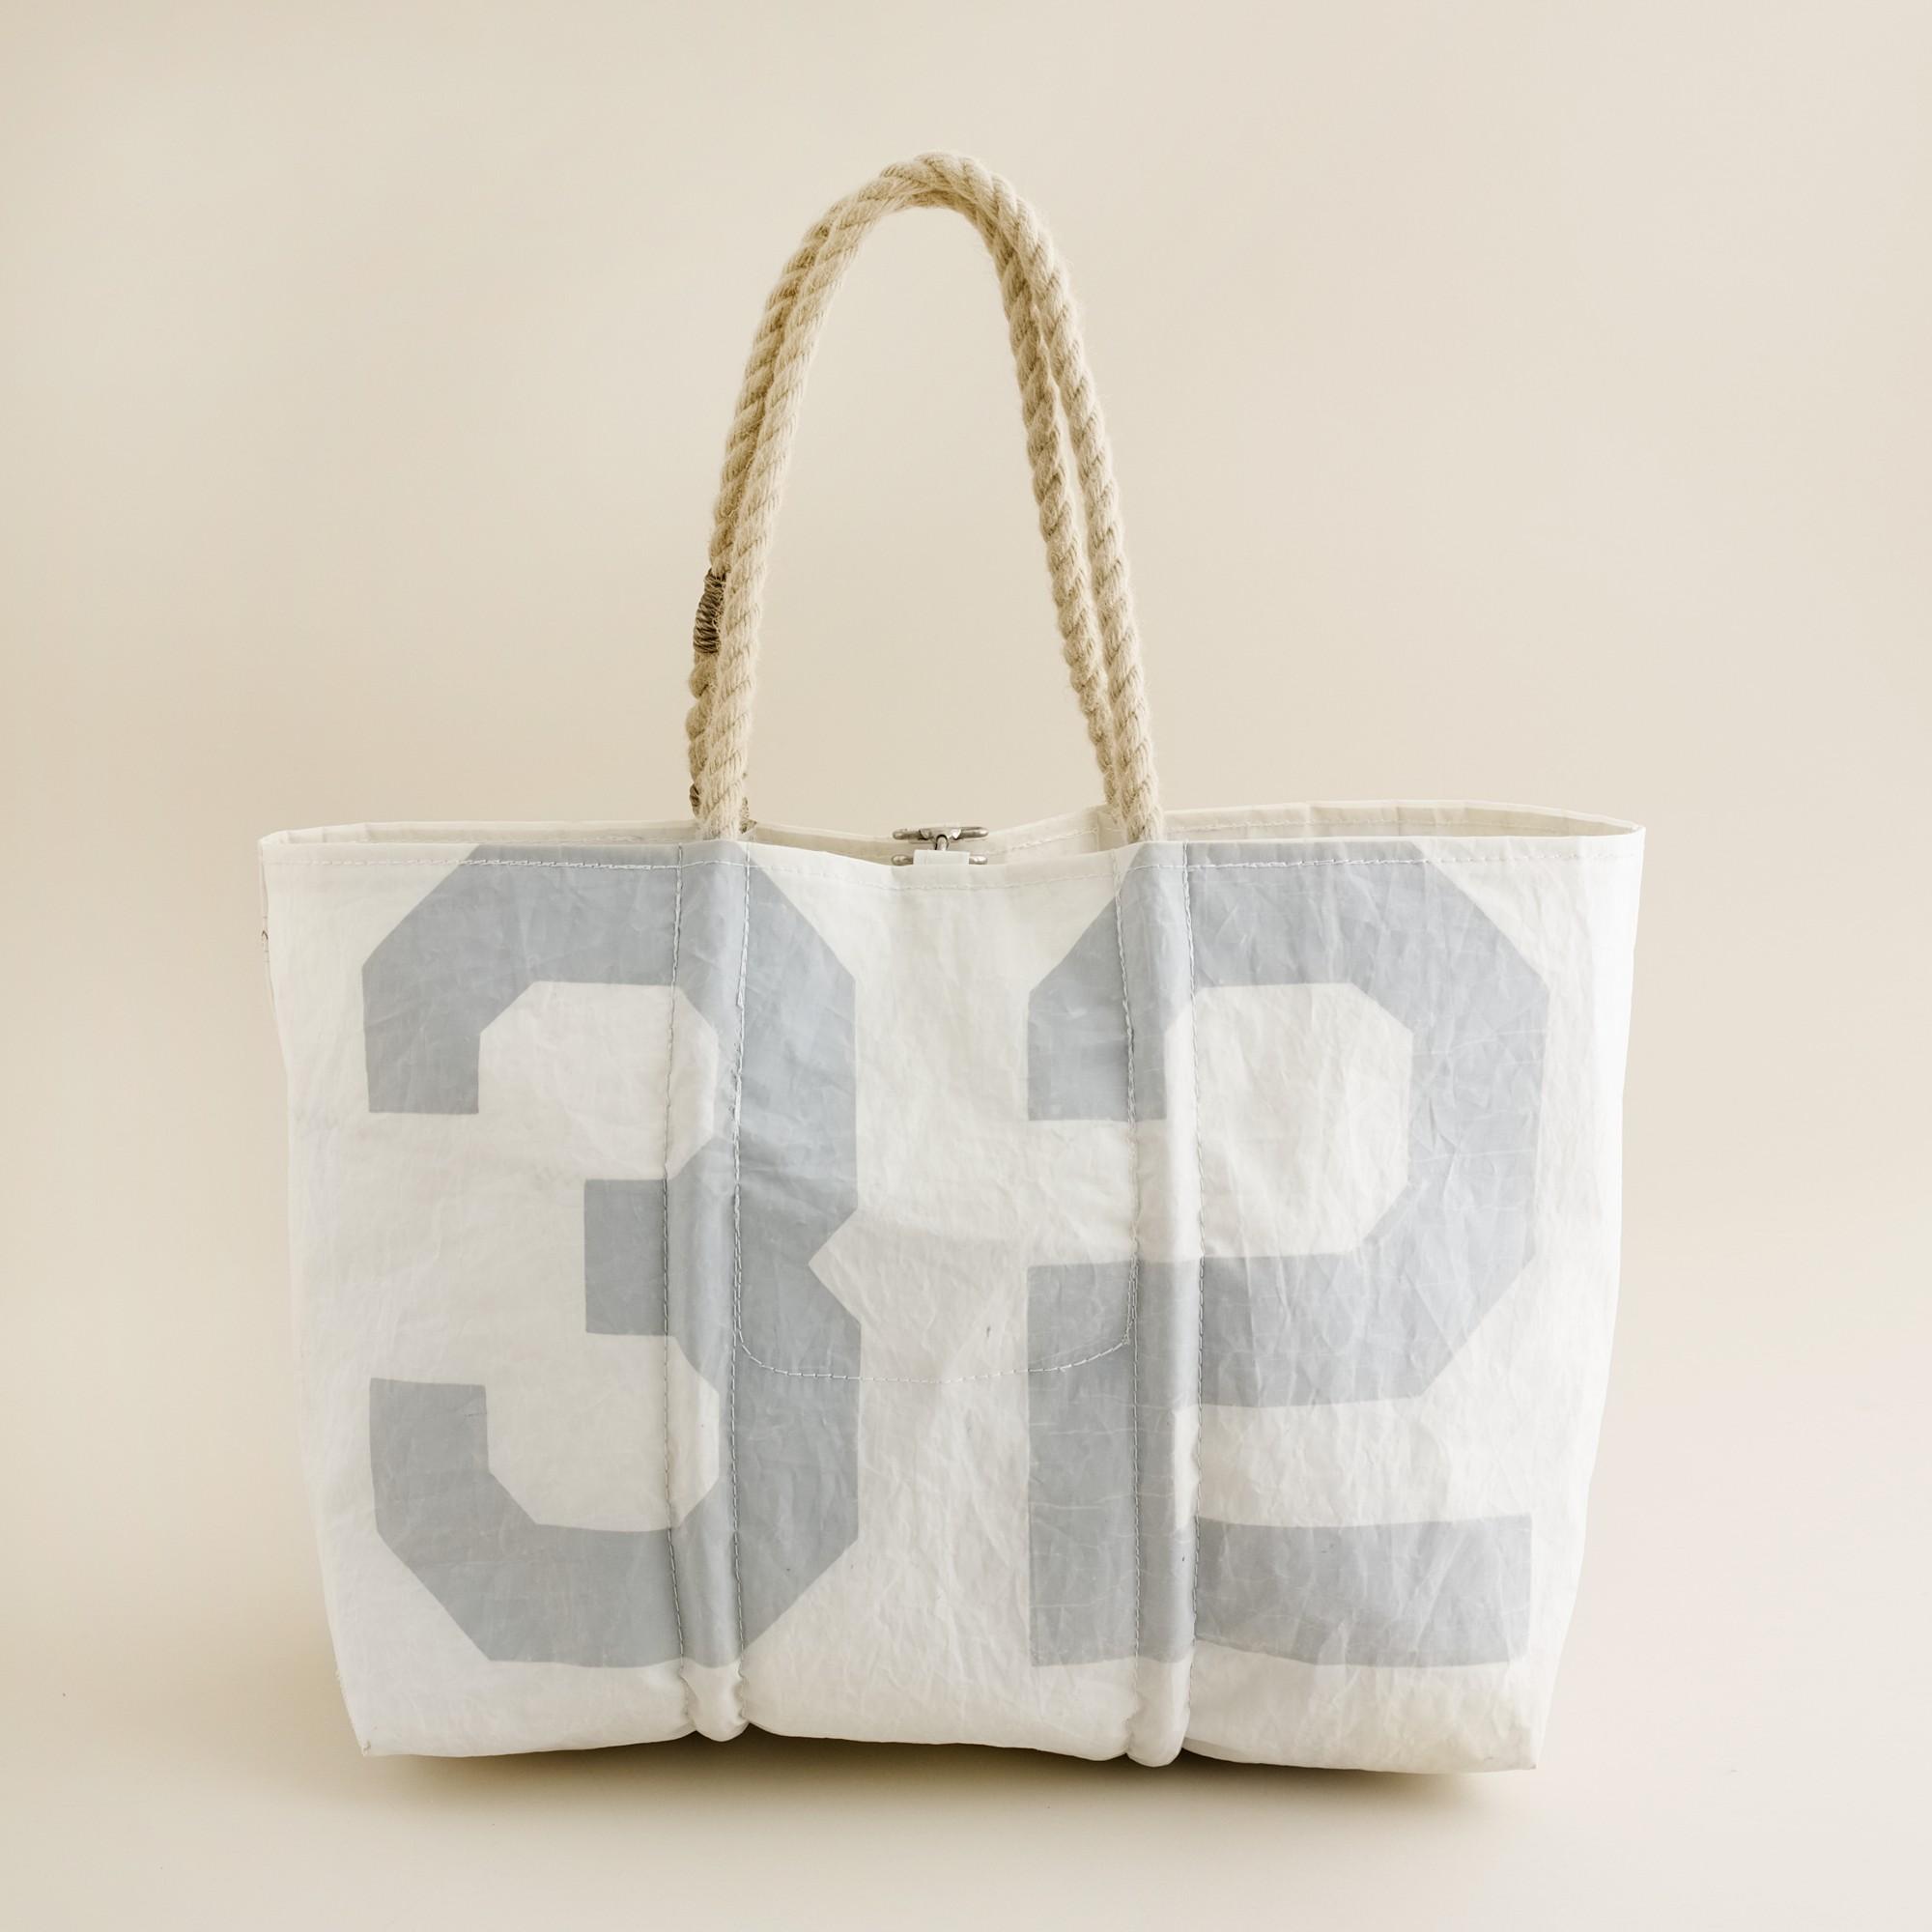 Sea Bags Tote